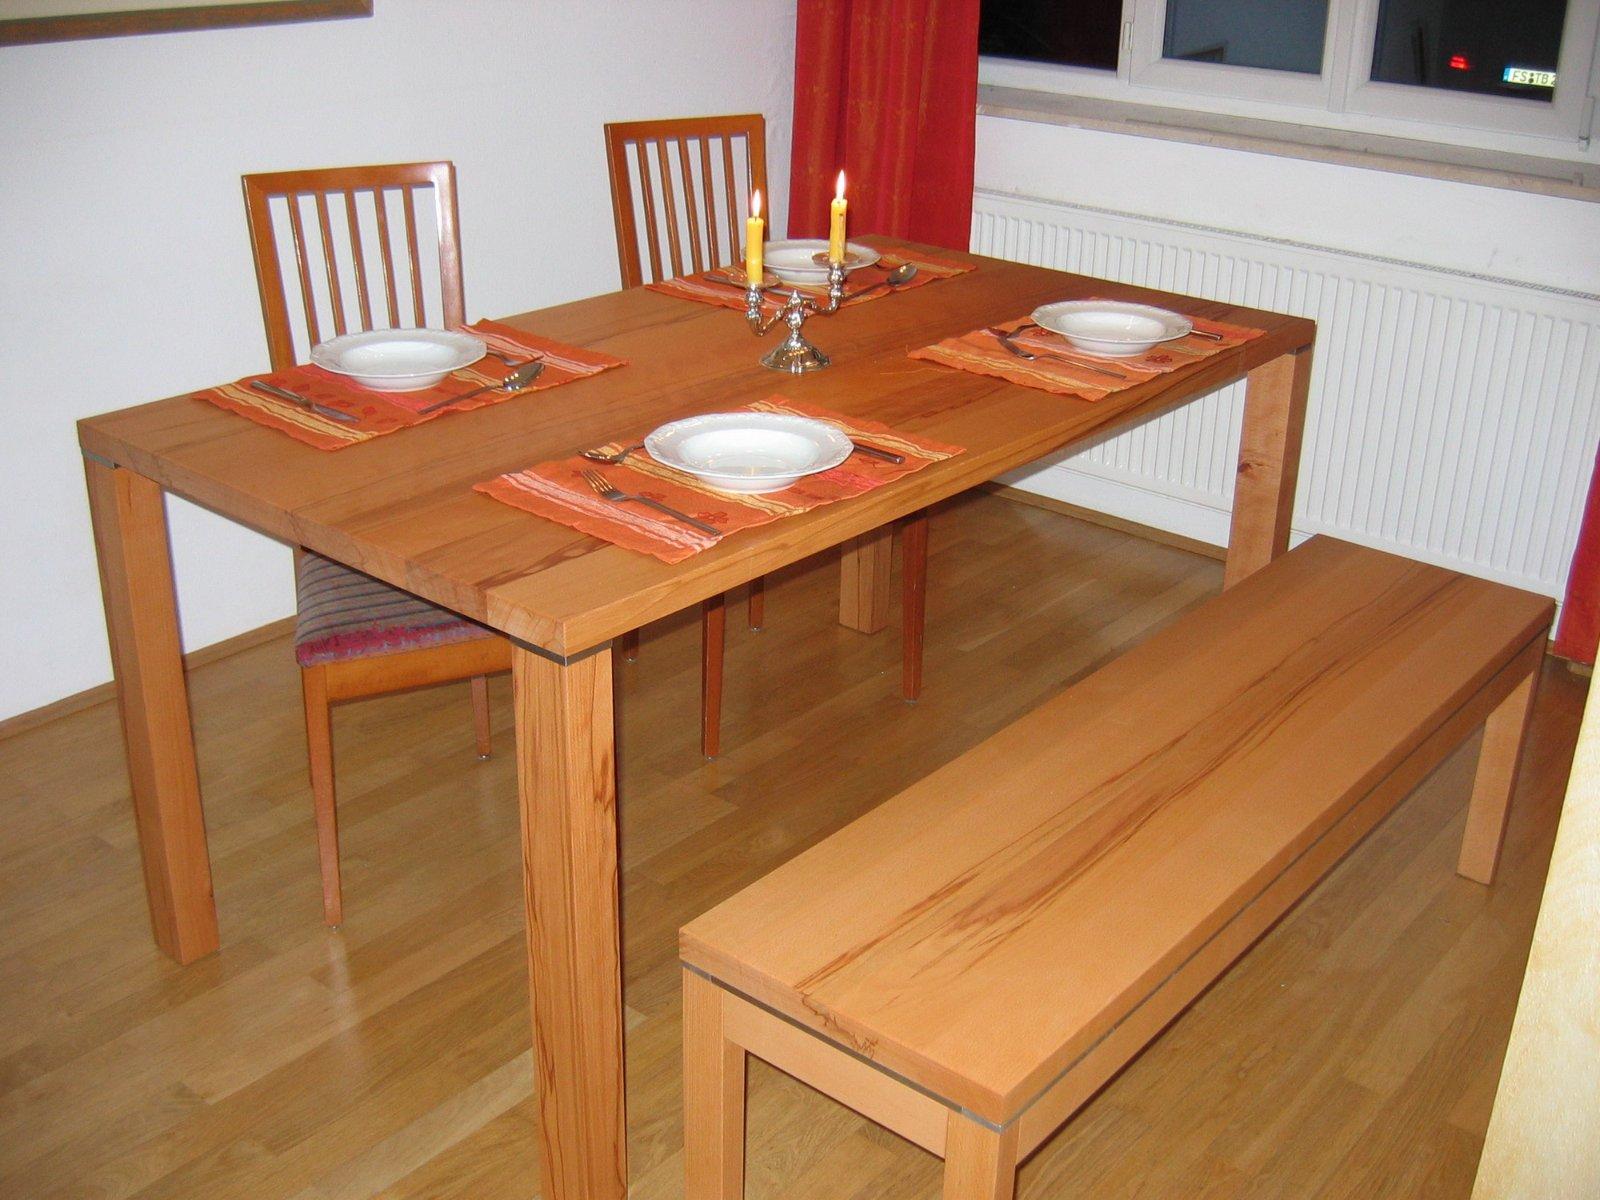 ... Schlichte, Modernes Esszimmer Mit Sitzbank, Tisch Und Passenden Stühlen  Aus Massiv Lackierter ...